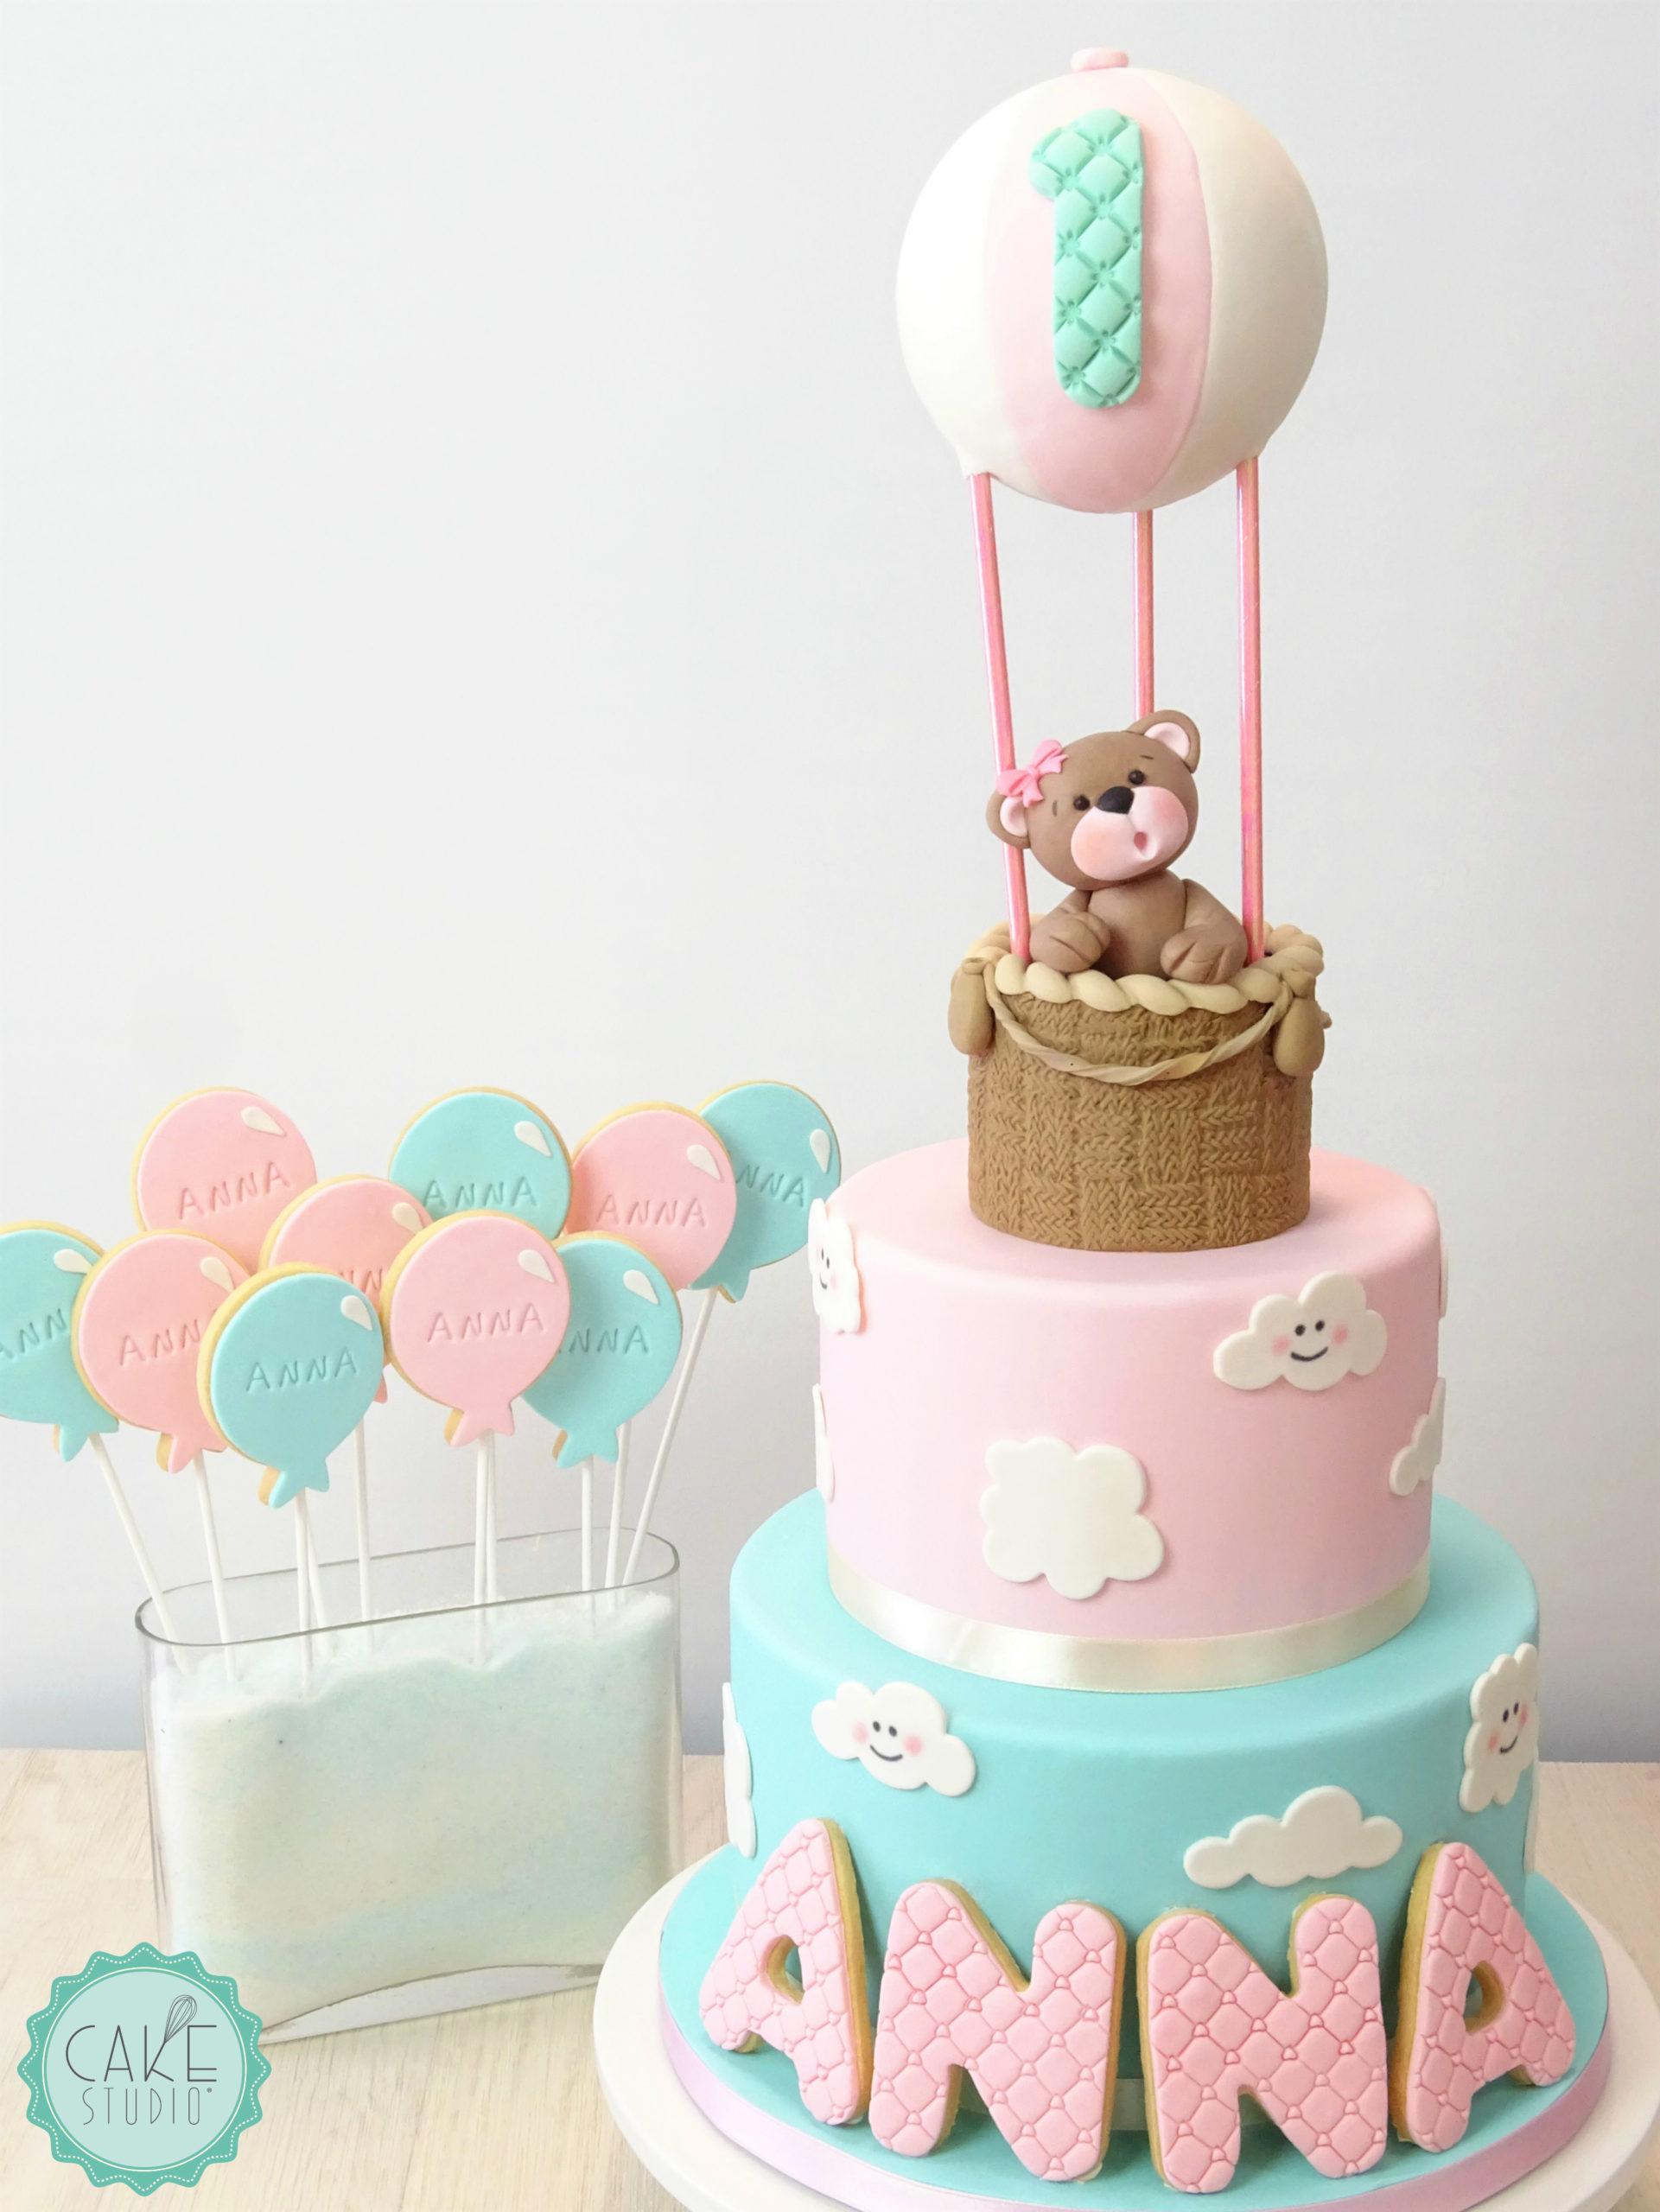 torta con mongolfiera e orsacchiotto, nuvole e biscotti per primo compleanno bambina